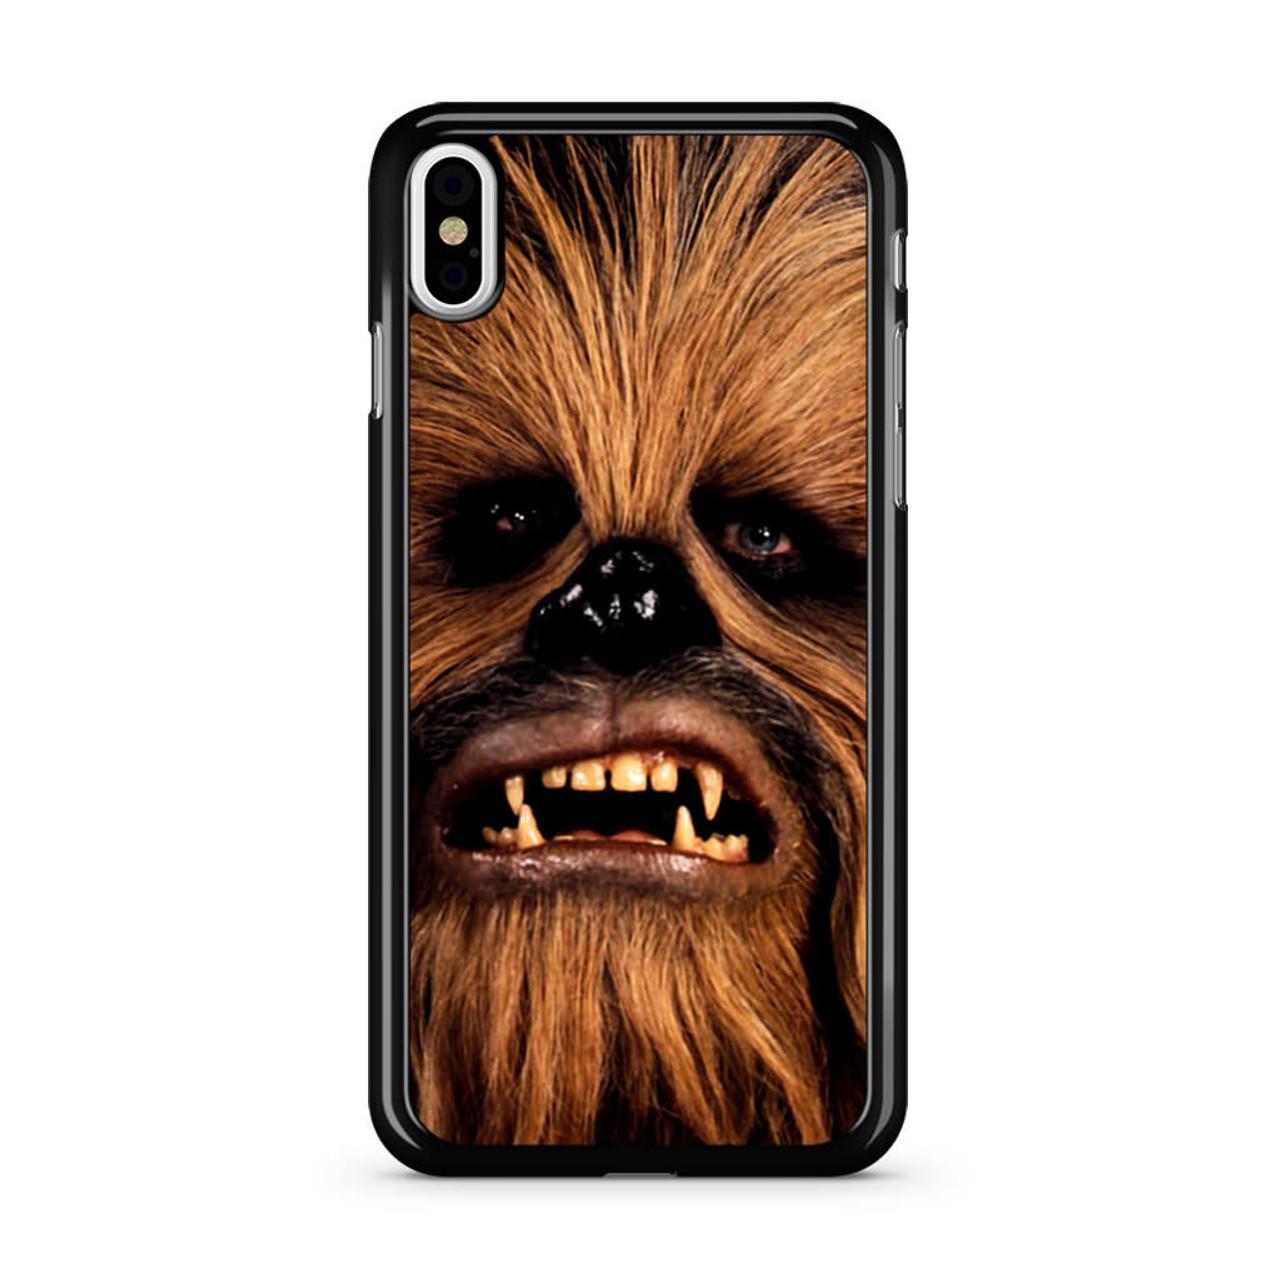 new arrival 3505b 342e8 Face Chewbacca iPhone X Case